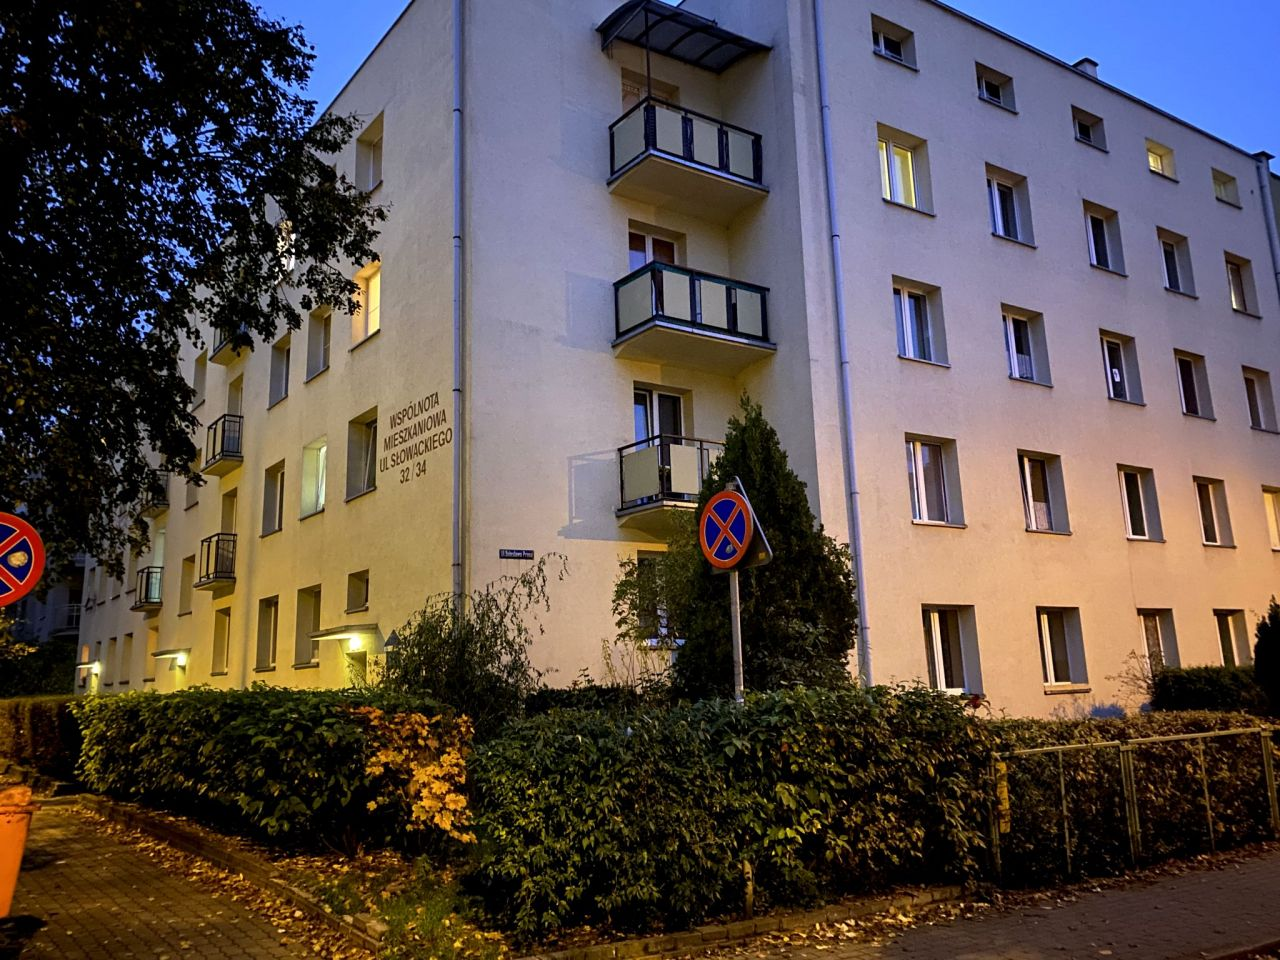 Mieszkanie 2-pokojowe Toruń Bydgoskie Przedmieście, ul. Juliusza Słowackiego